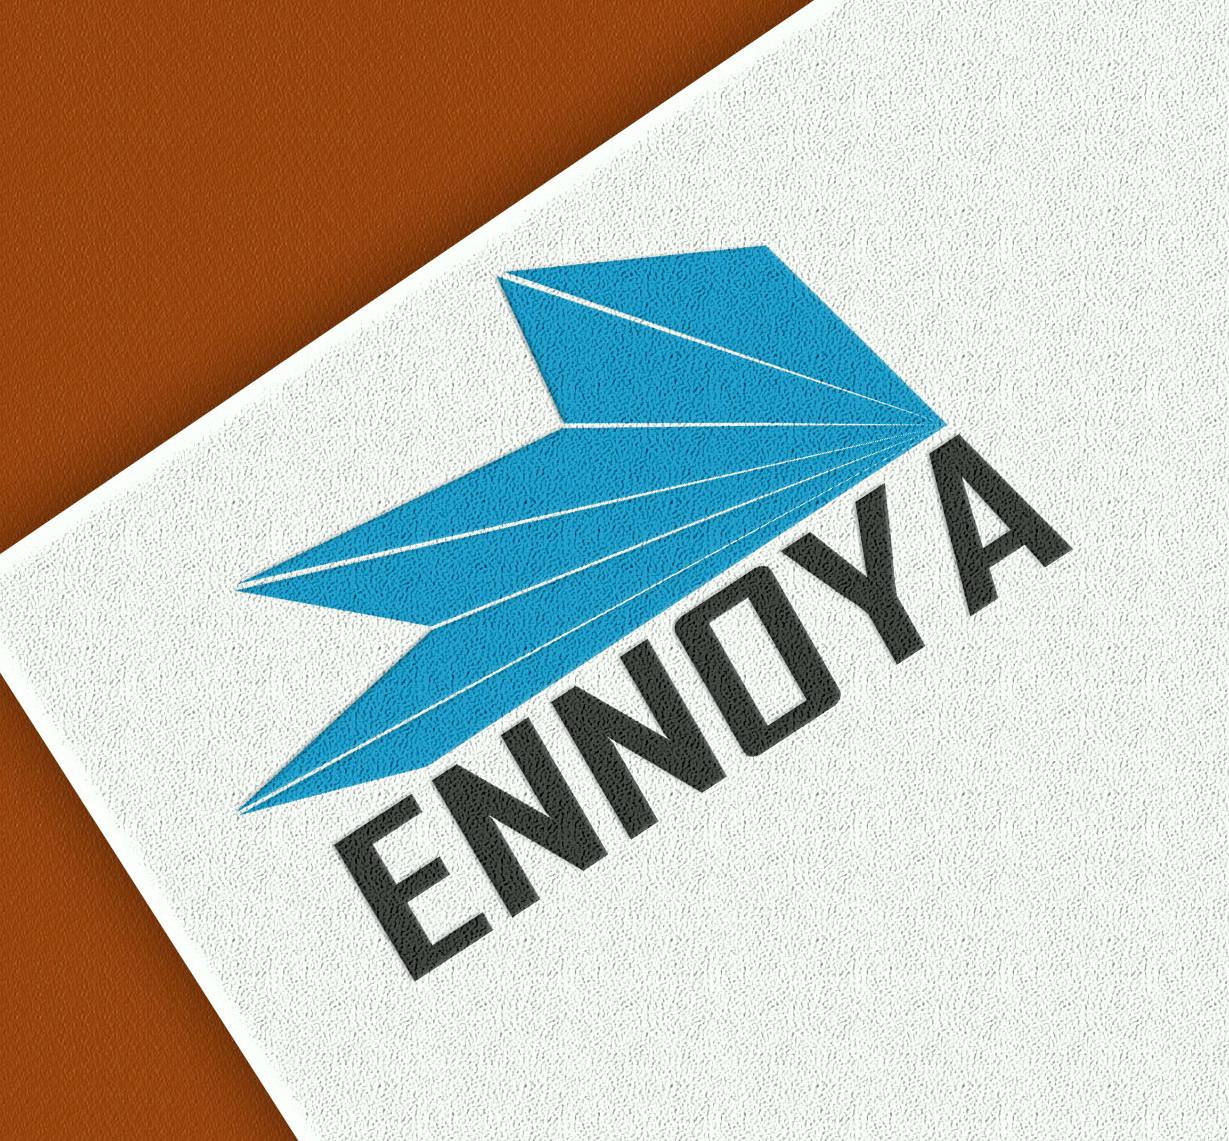 Логотип + фирменный стиль для продуктовой IT компании фото f_5275ad075f80dad5.jpg